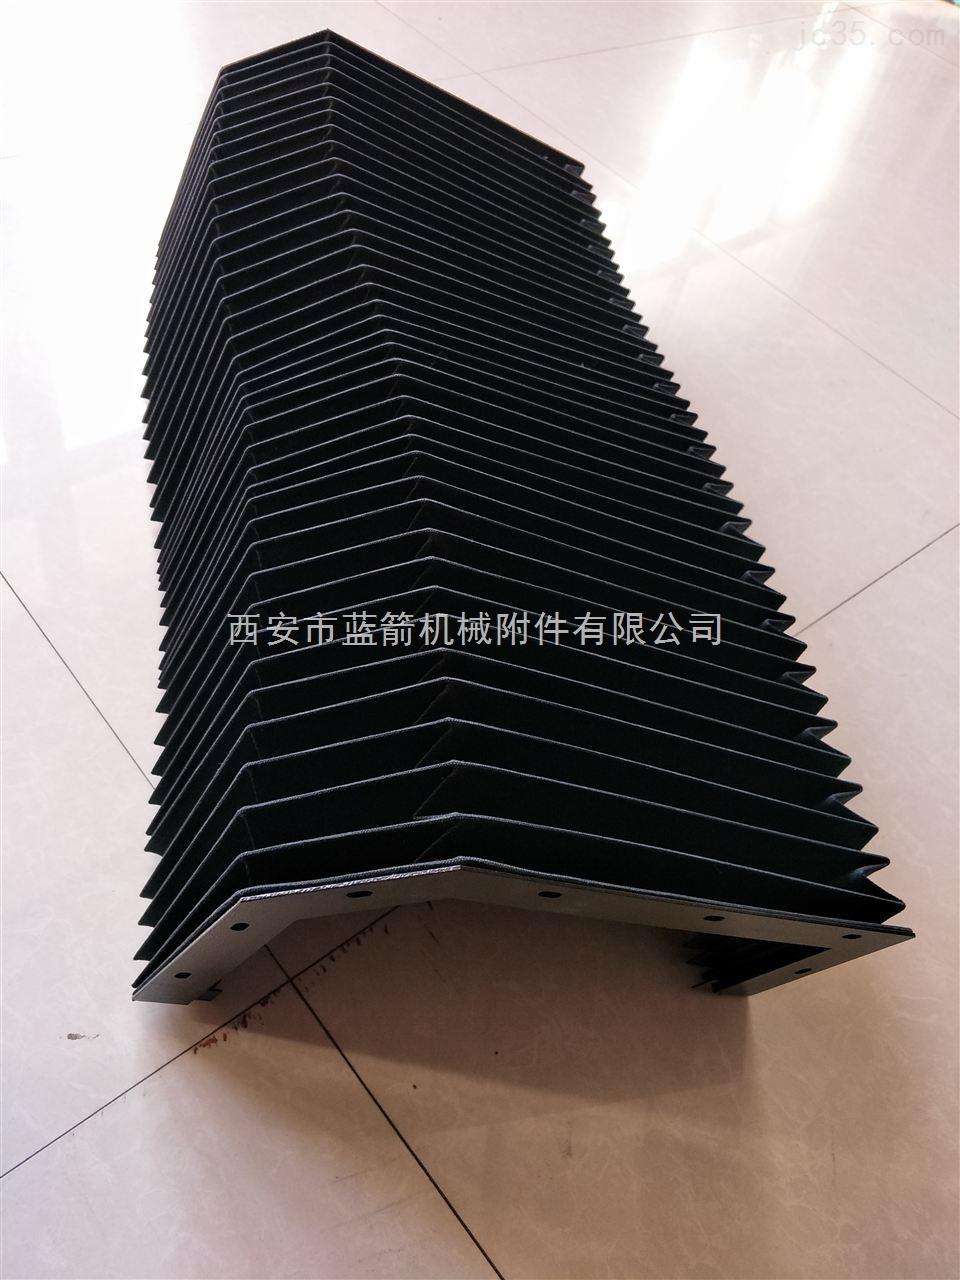 防尘耐高温阻燃风琴防护罩